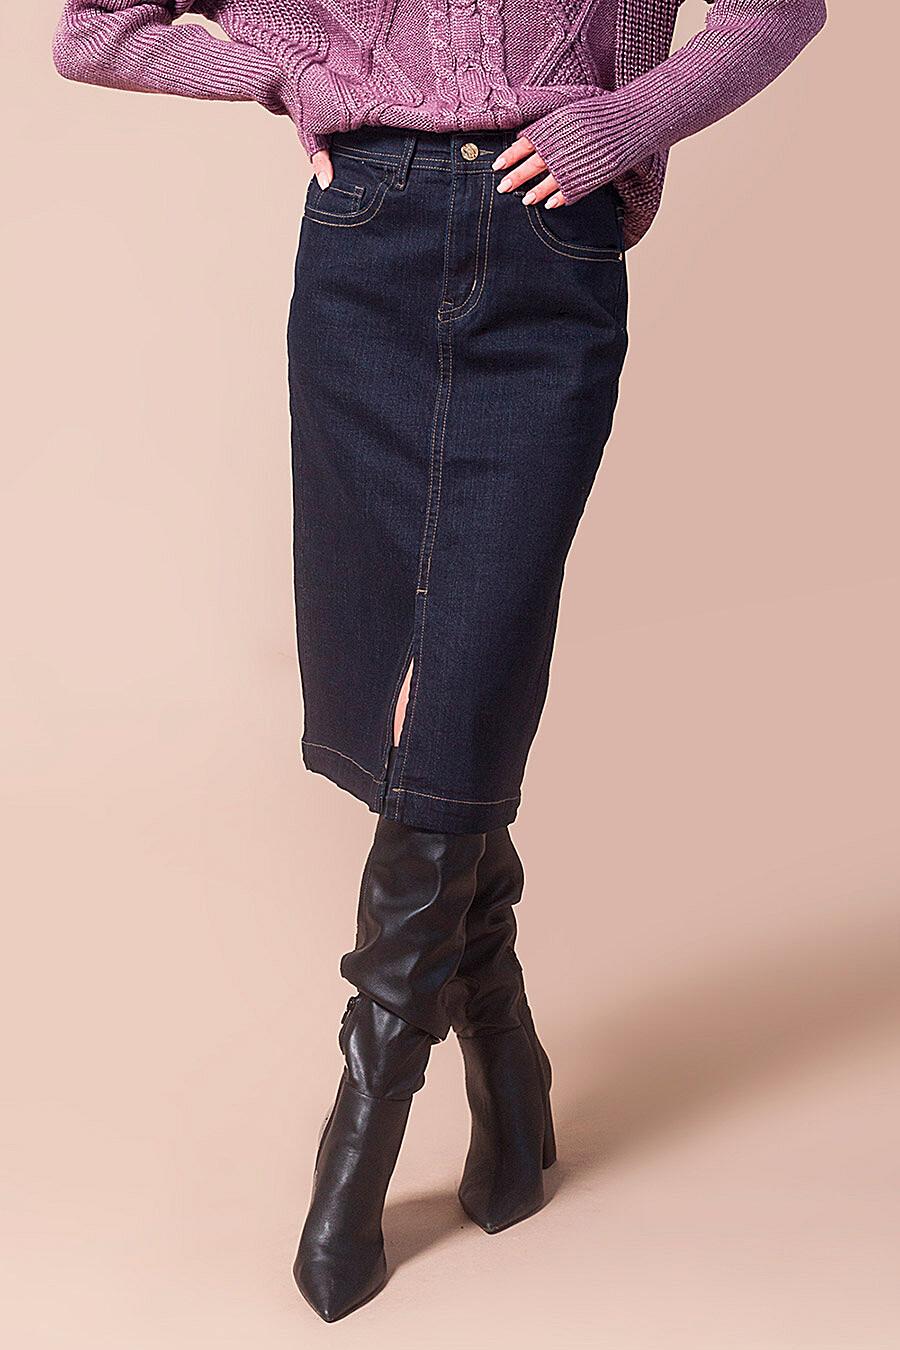 Юбка для женщин VILATTE 707534 купить оптом от производителя. Совместная покупка женской одежды в OptMoyo